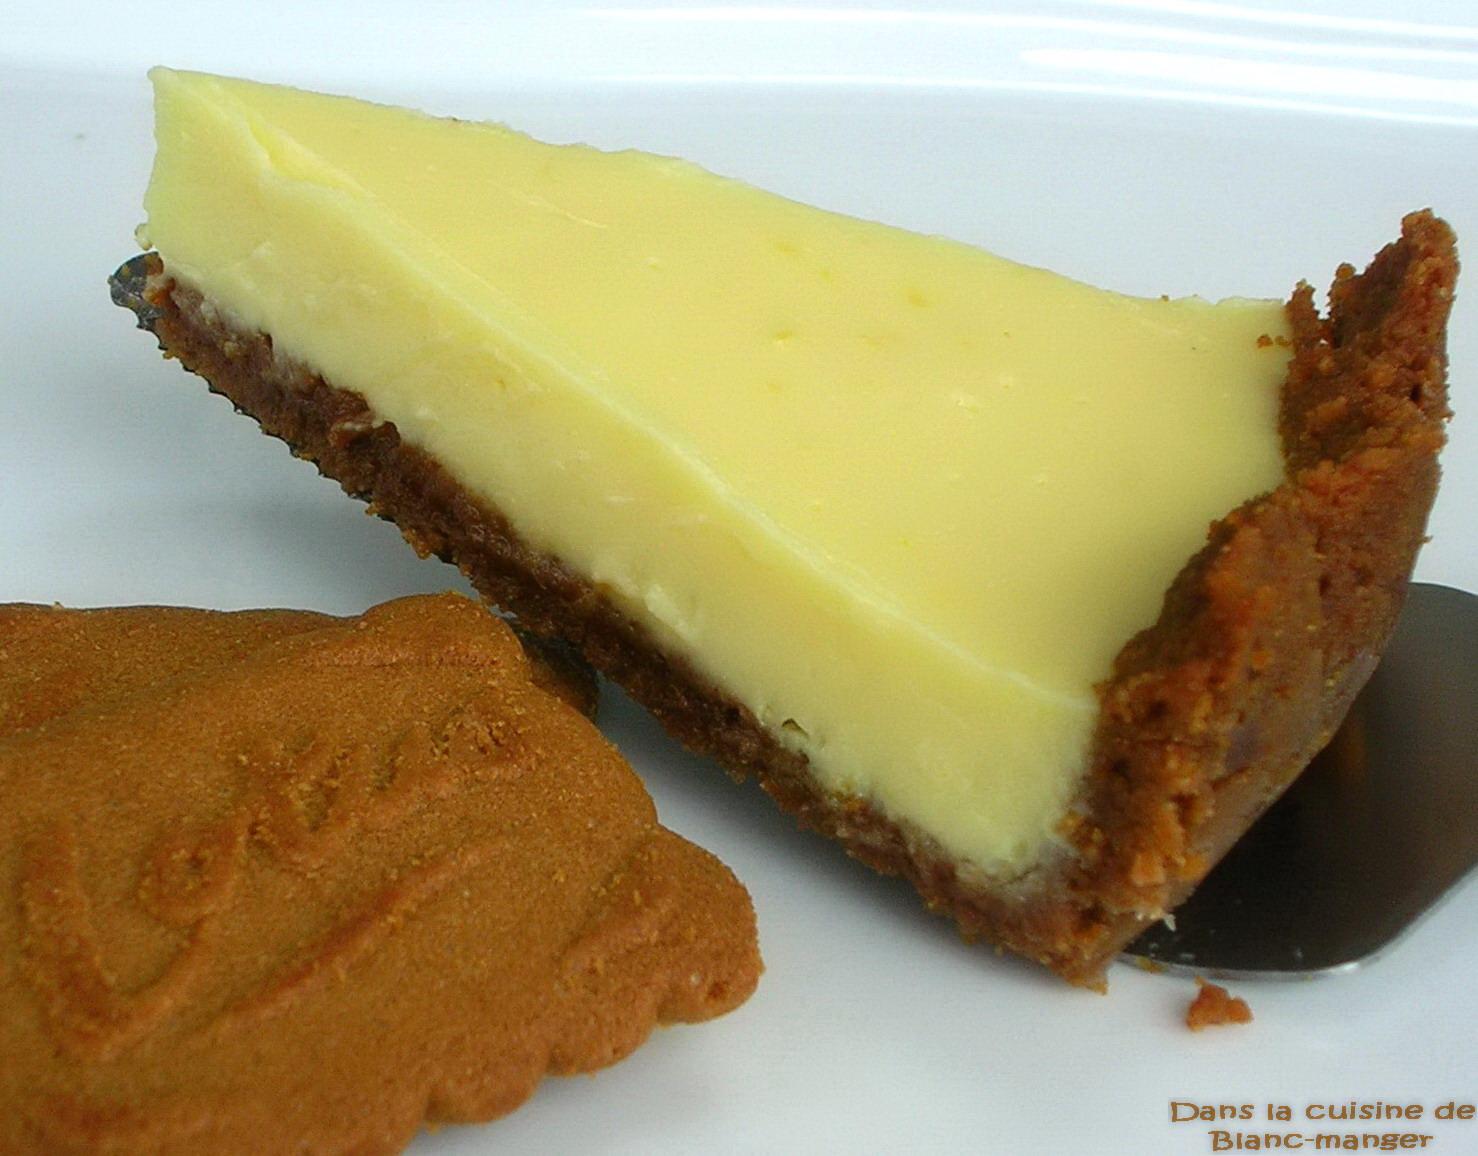 Dans la cuisine de blanc manger tarte au citron la plus facile au monde - Tarte aux citrons meringuee facile ...